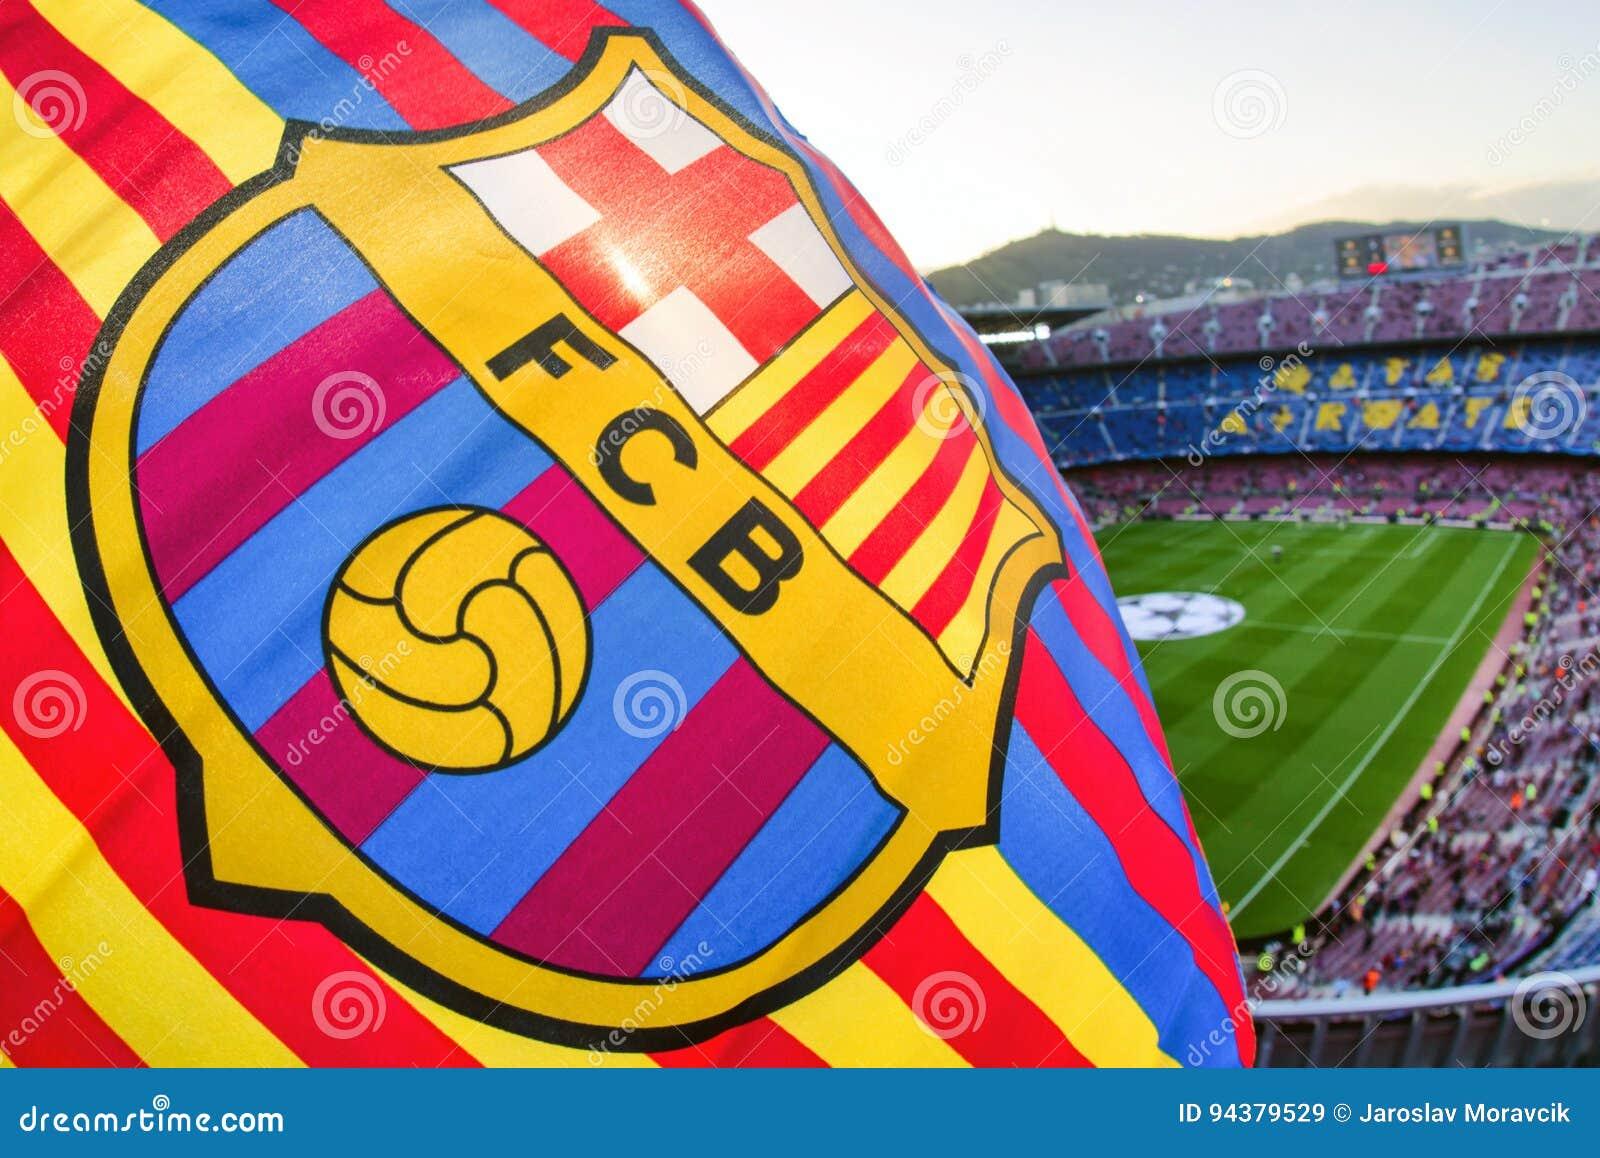 flagge von fc barcelona an stadion nou lager redaktionelles stockbild bild von barcelona lager 94379529 dreamstime